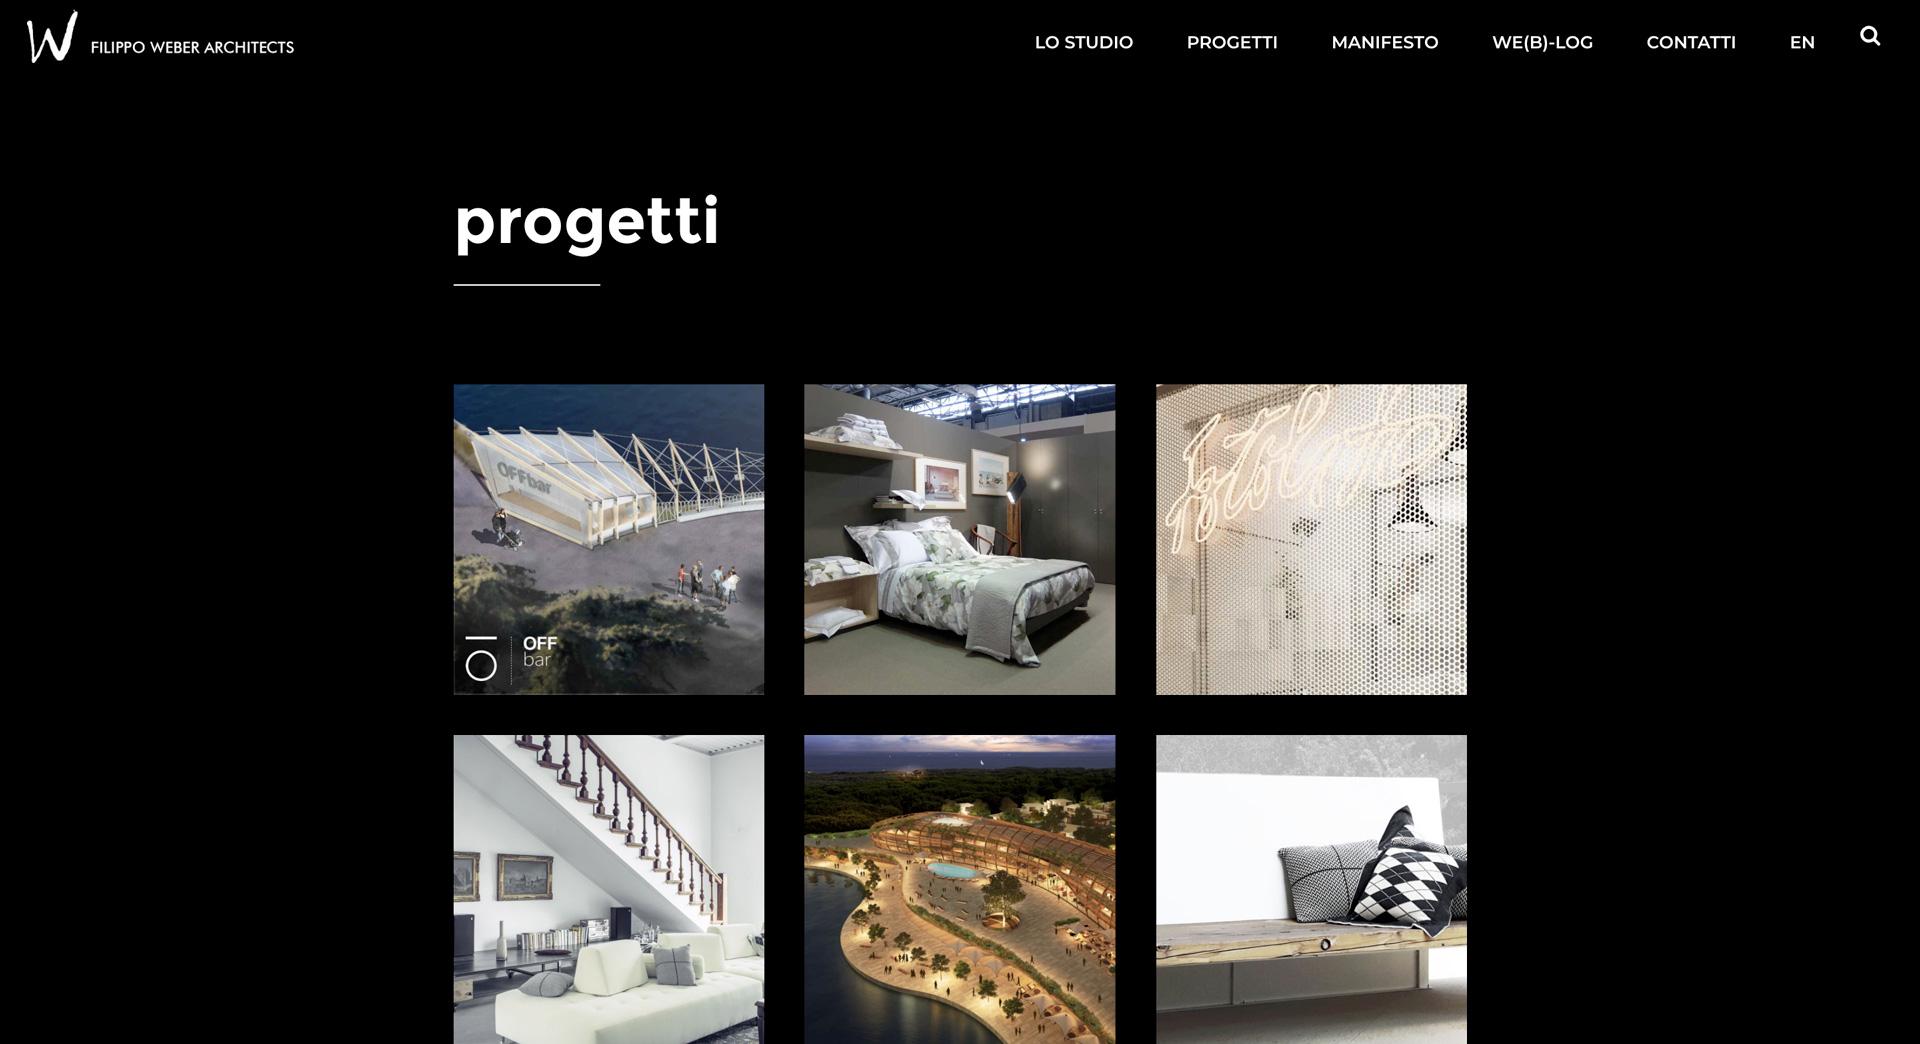 filippo-weber-architetto-restyling-sito-progetti